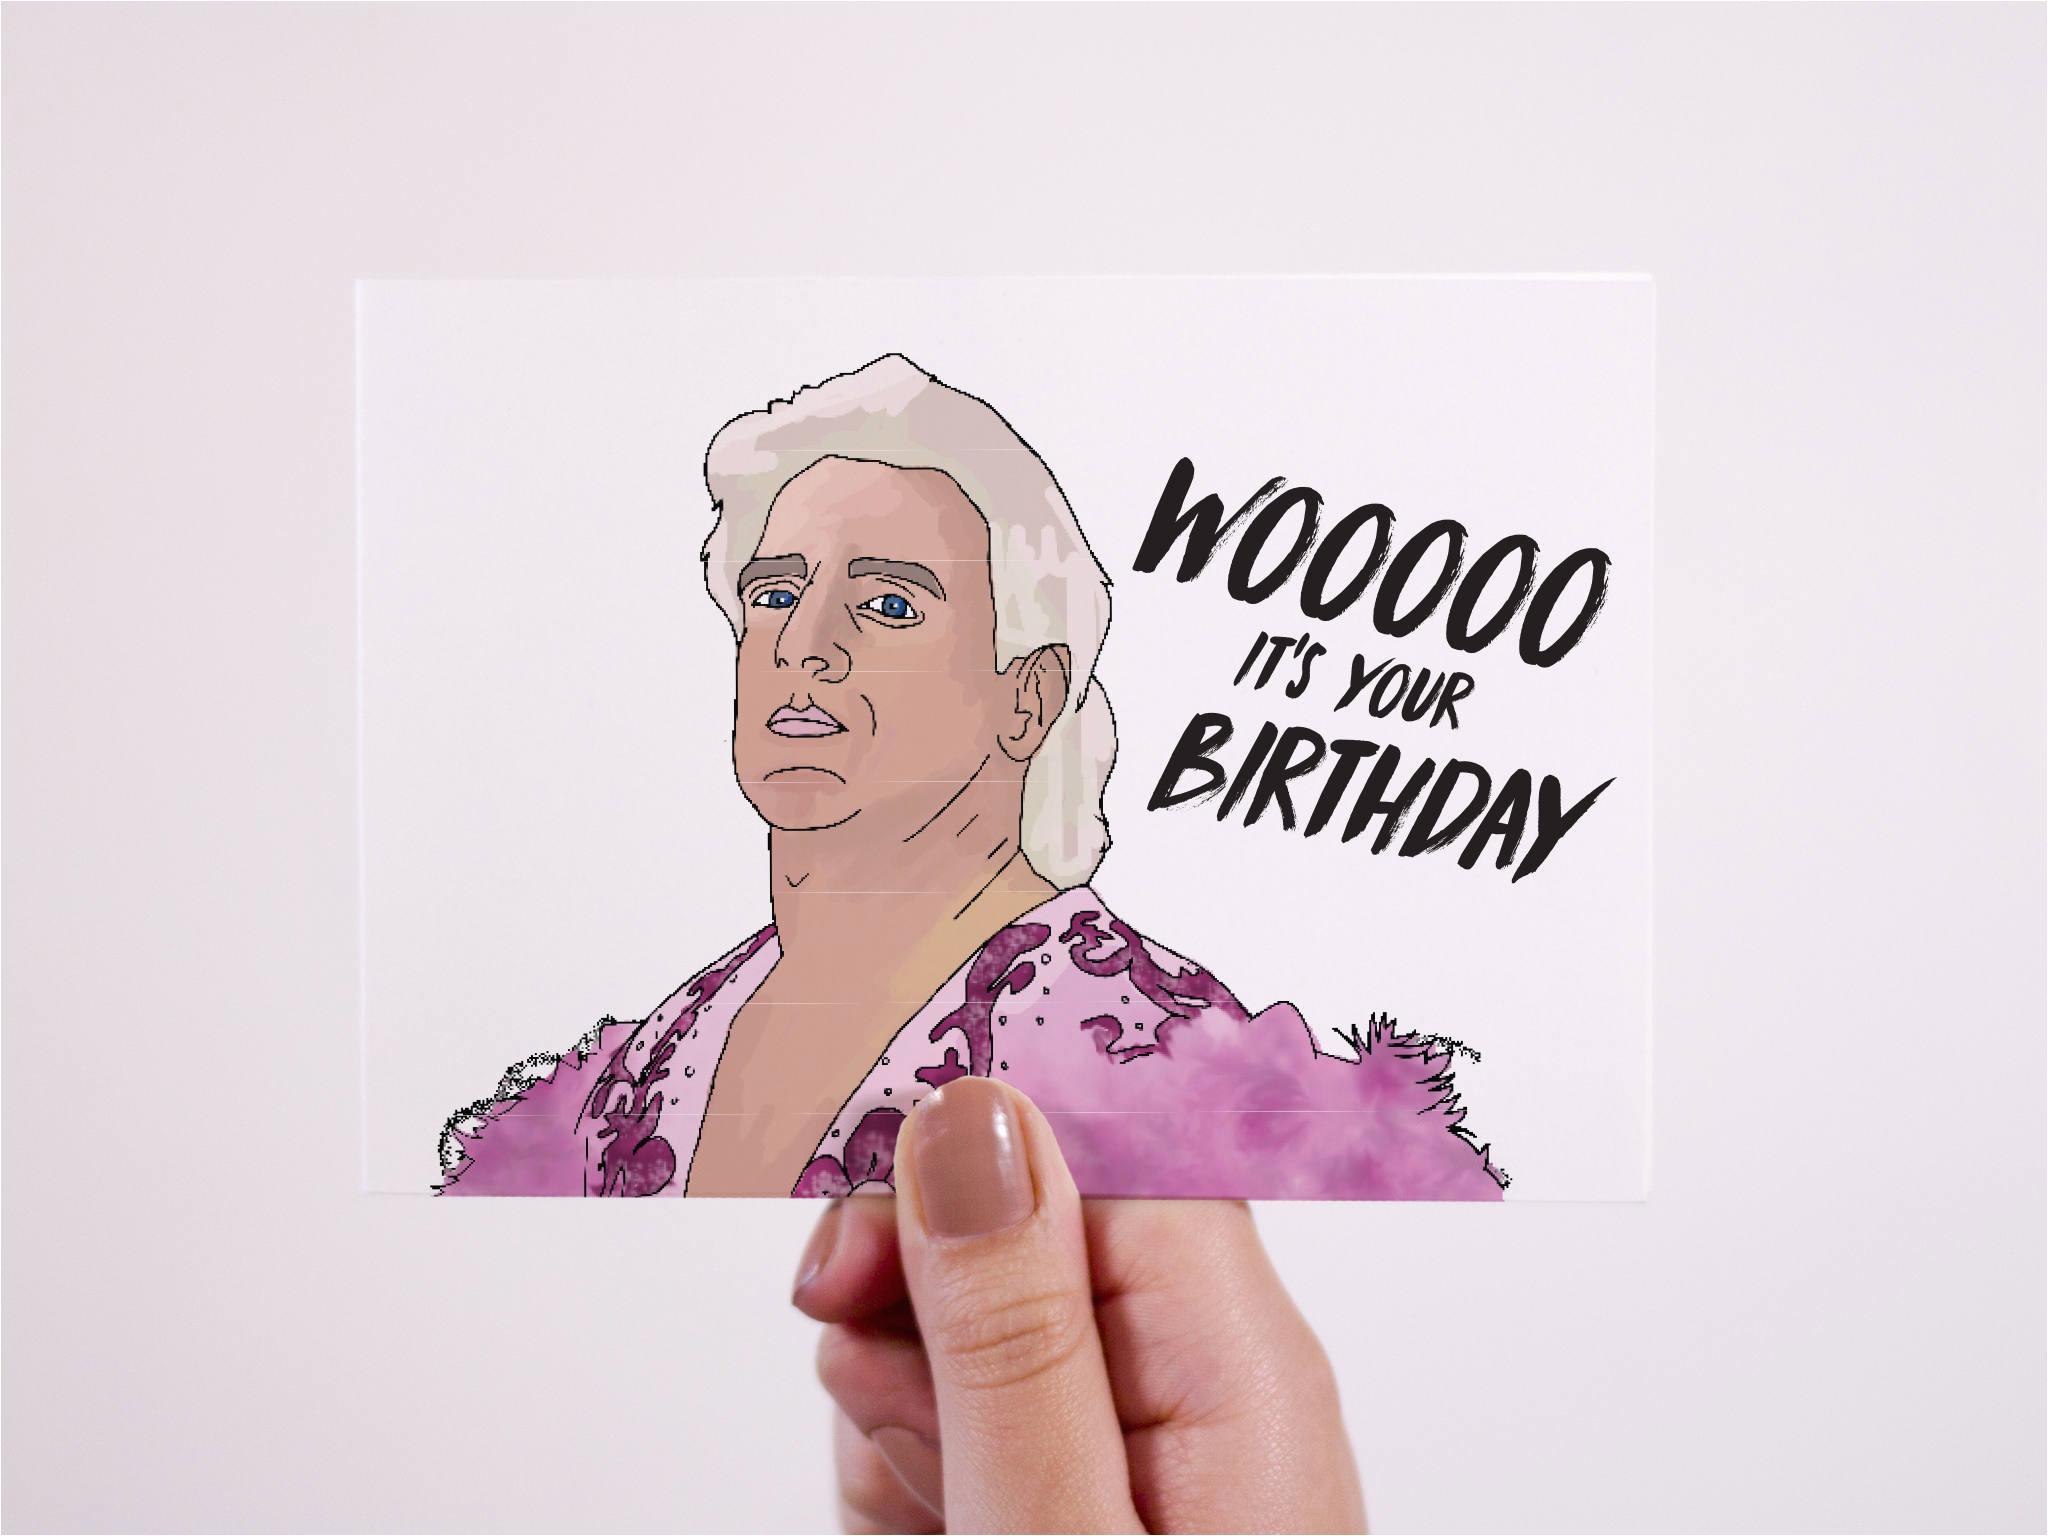 ric flair card birthday card woooooo